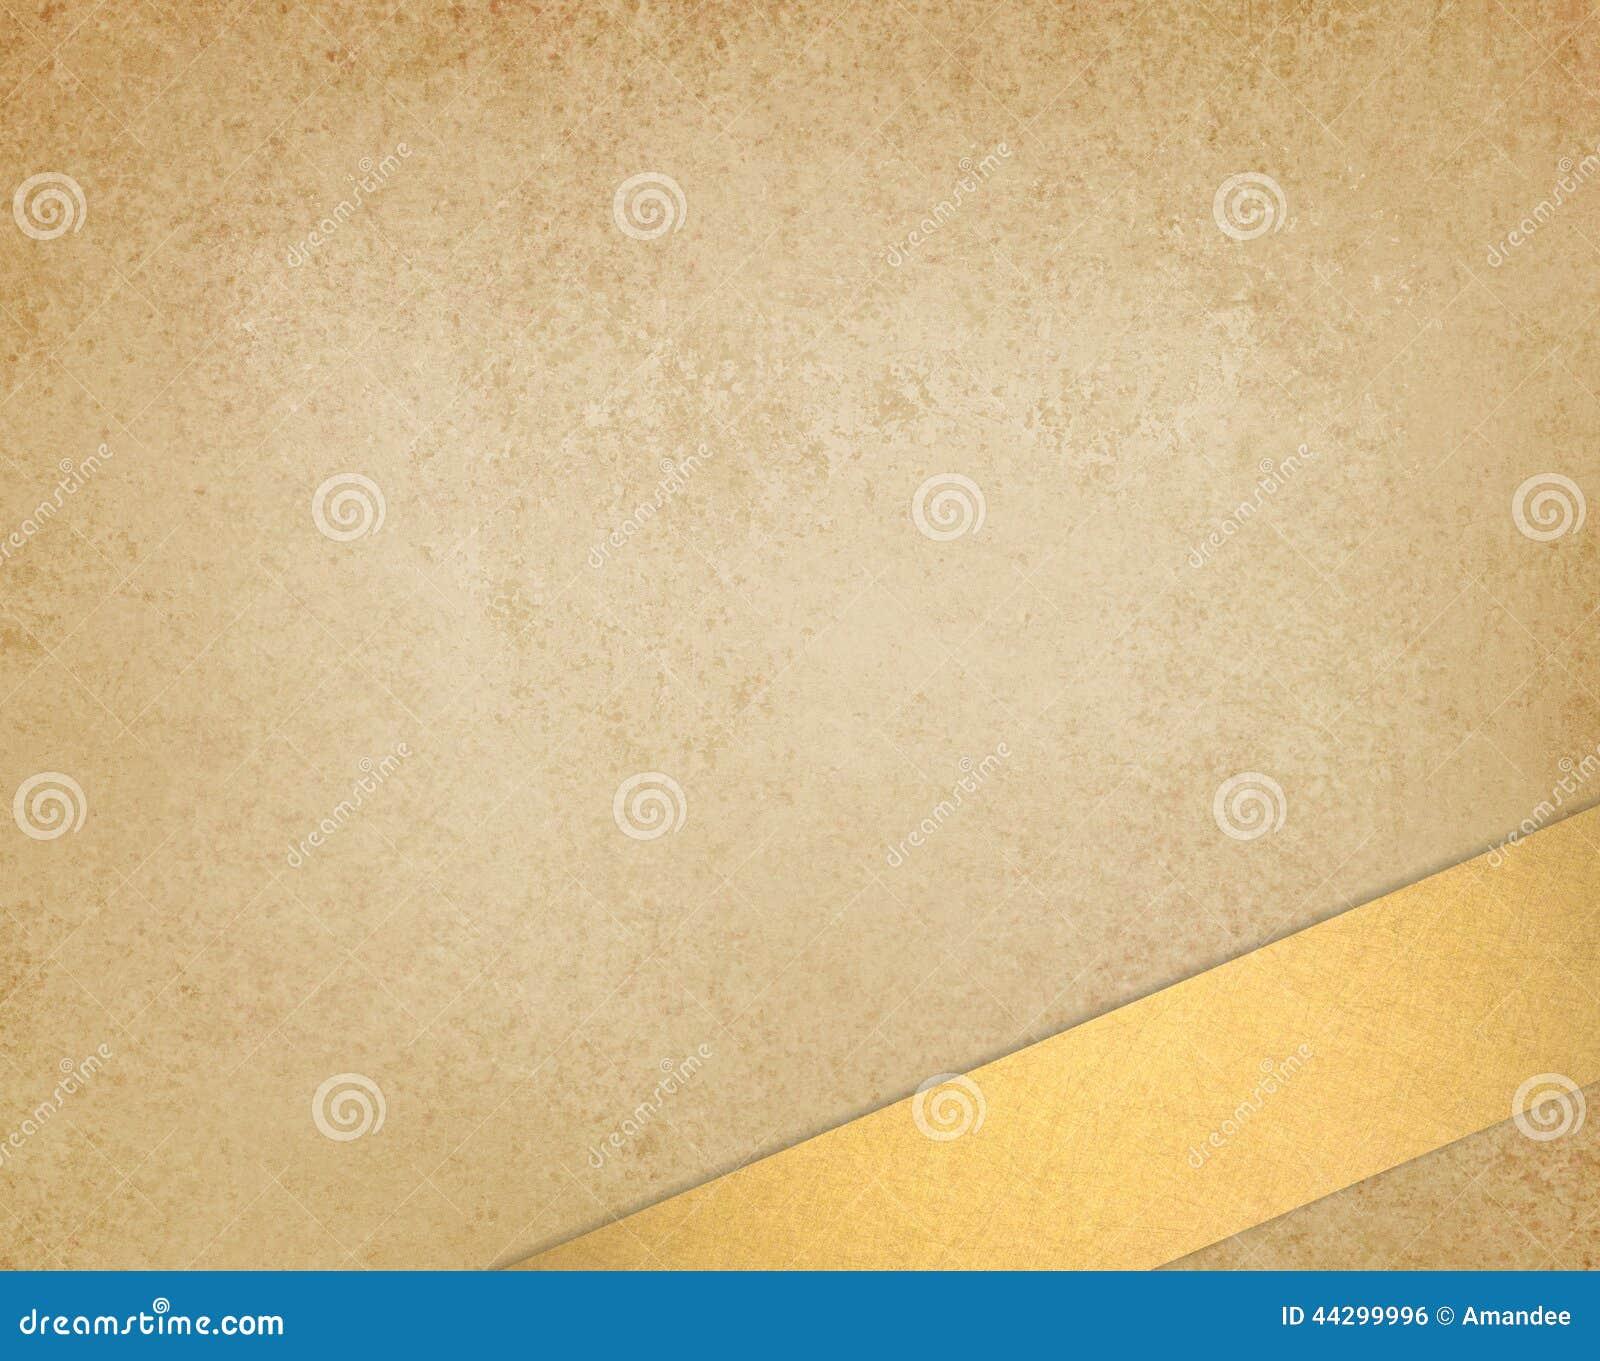 La texture brune ou beige d or léger l or de vintage d exposé introductif et ont pêché la rayure de ruban à la frontière inférieu